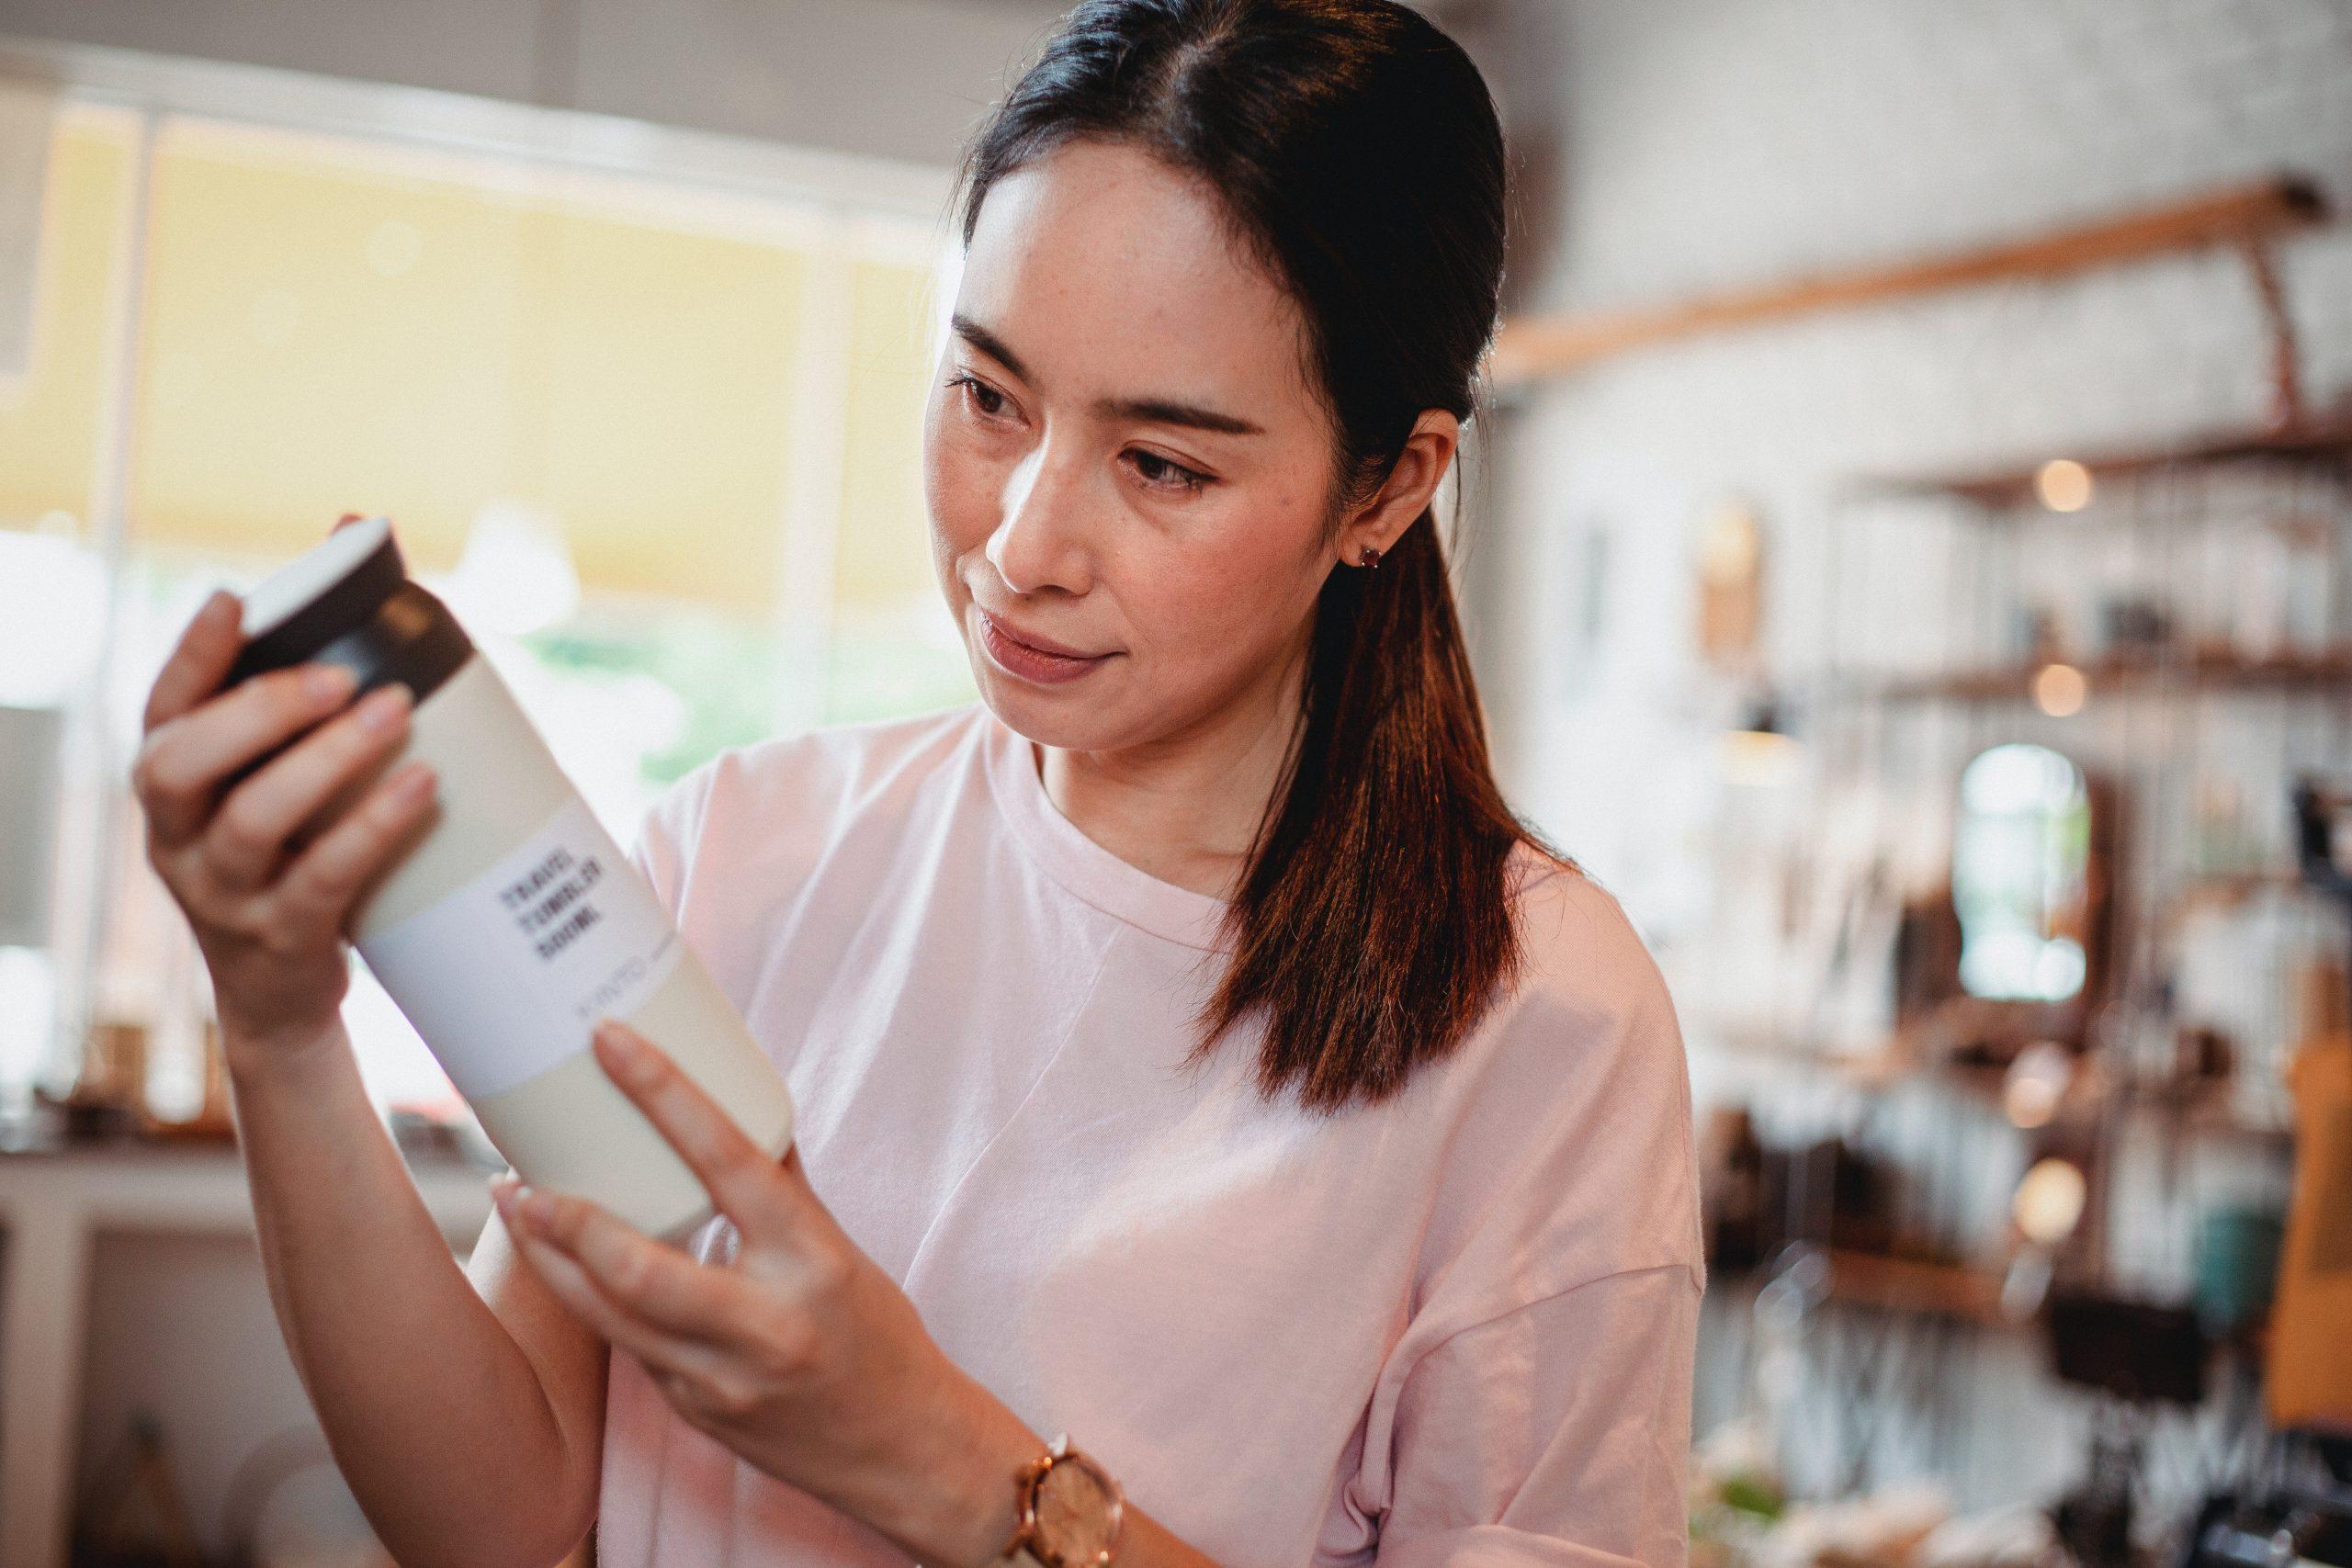 Mulher com frasco na mão lendo o rótulo